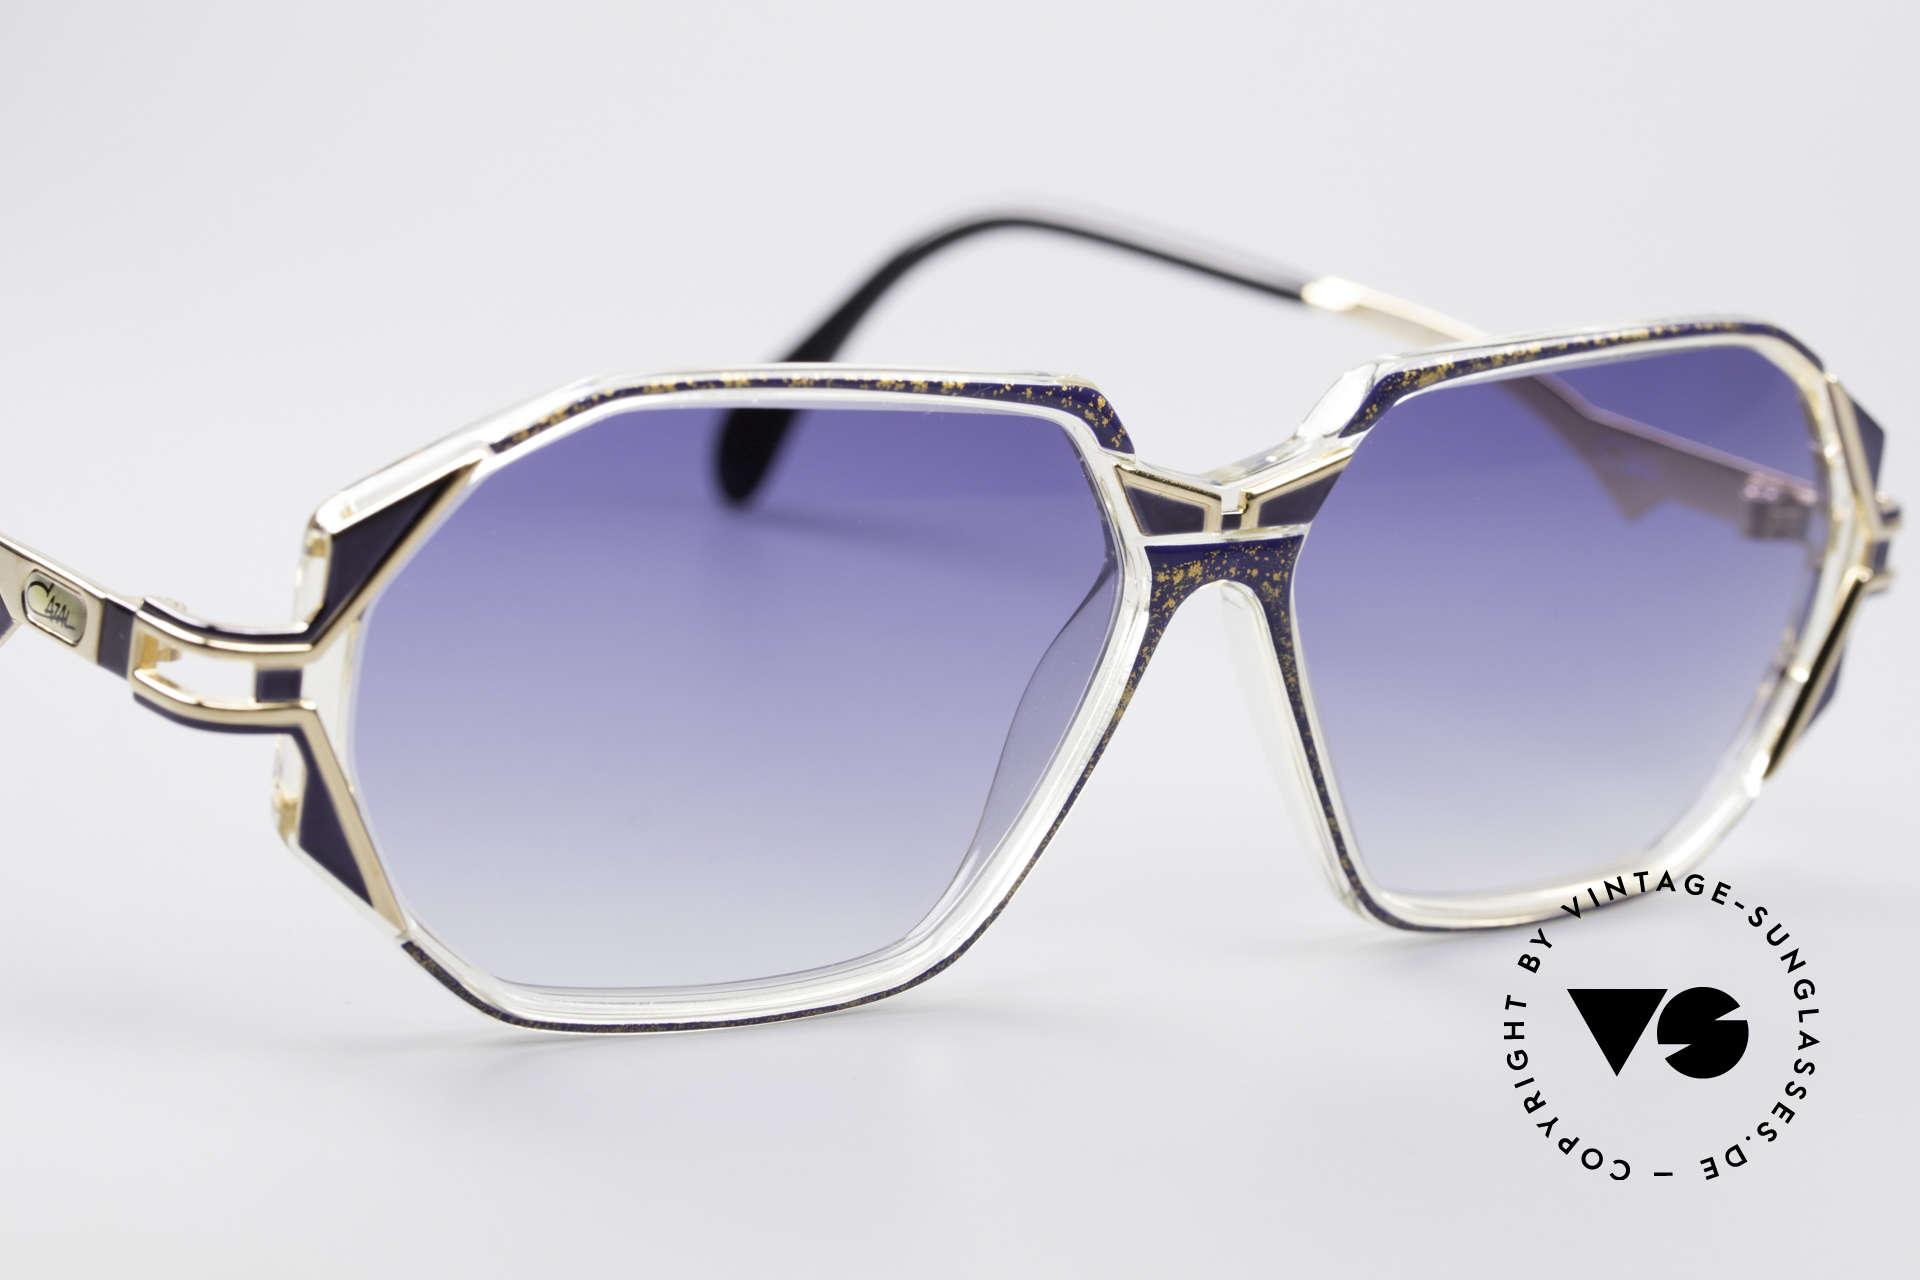 Cazal 361 Designersonnenbrille No Retro, ungetragen (wie alle unsere vintage CAZAL Brillen), Passend für Damen